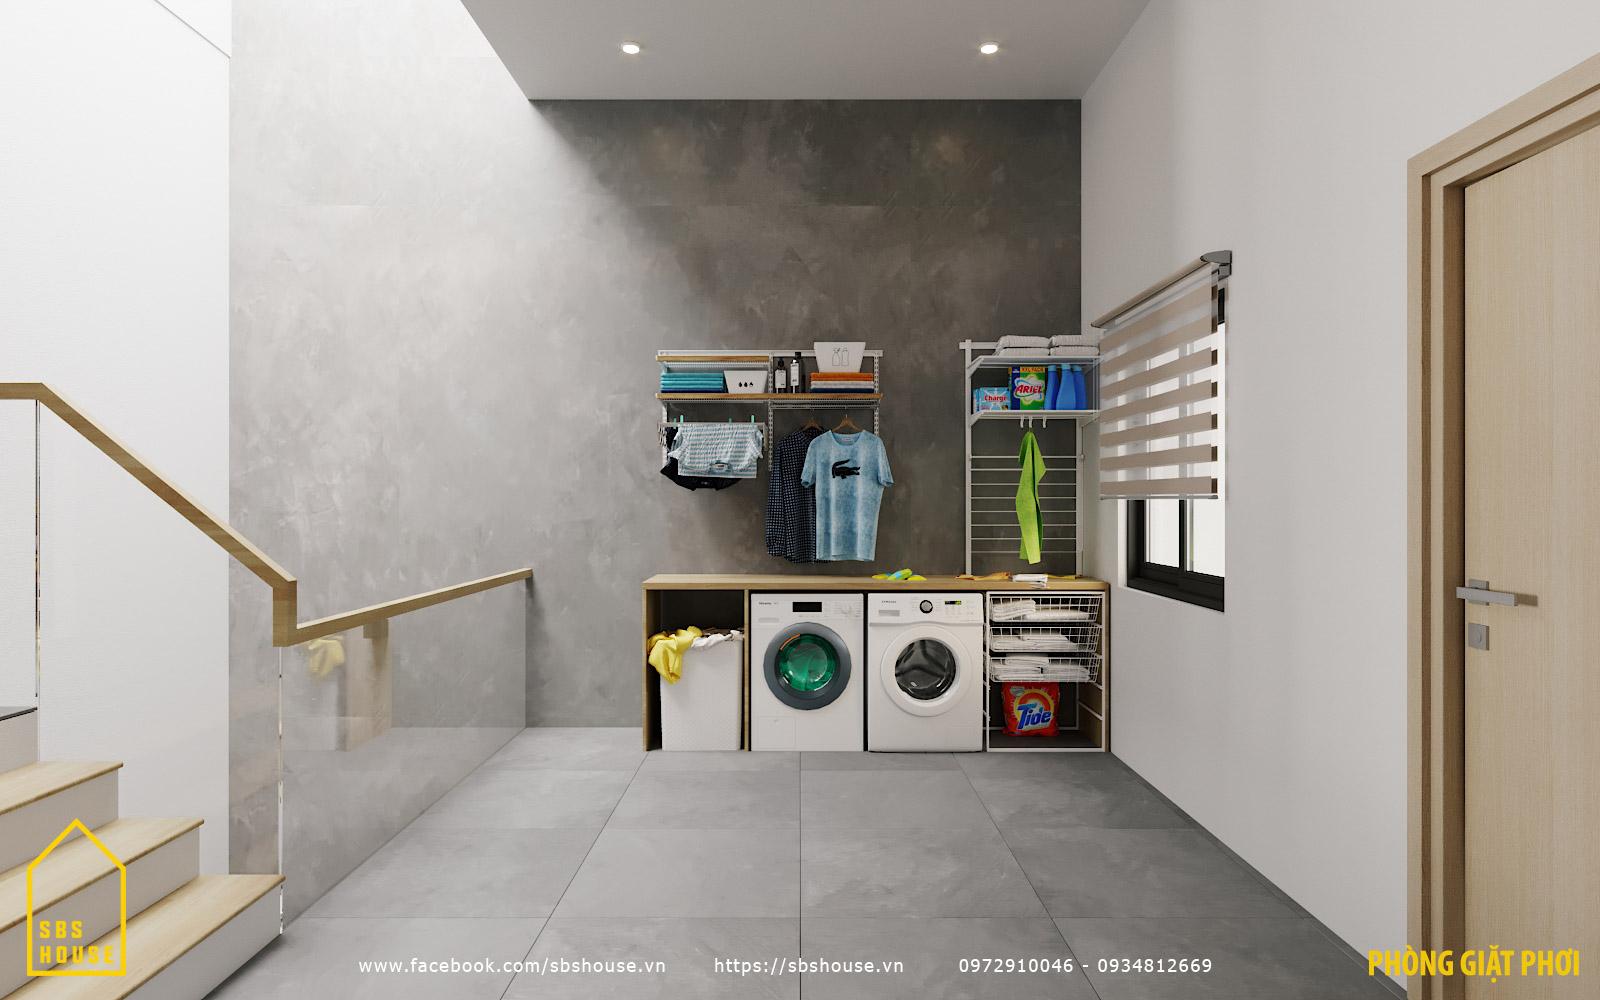 Phòng giặt phơi